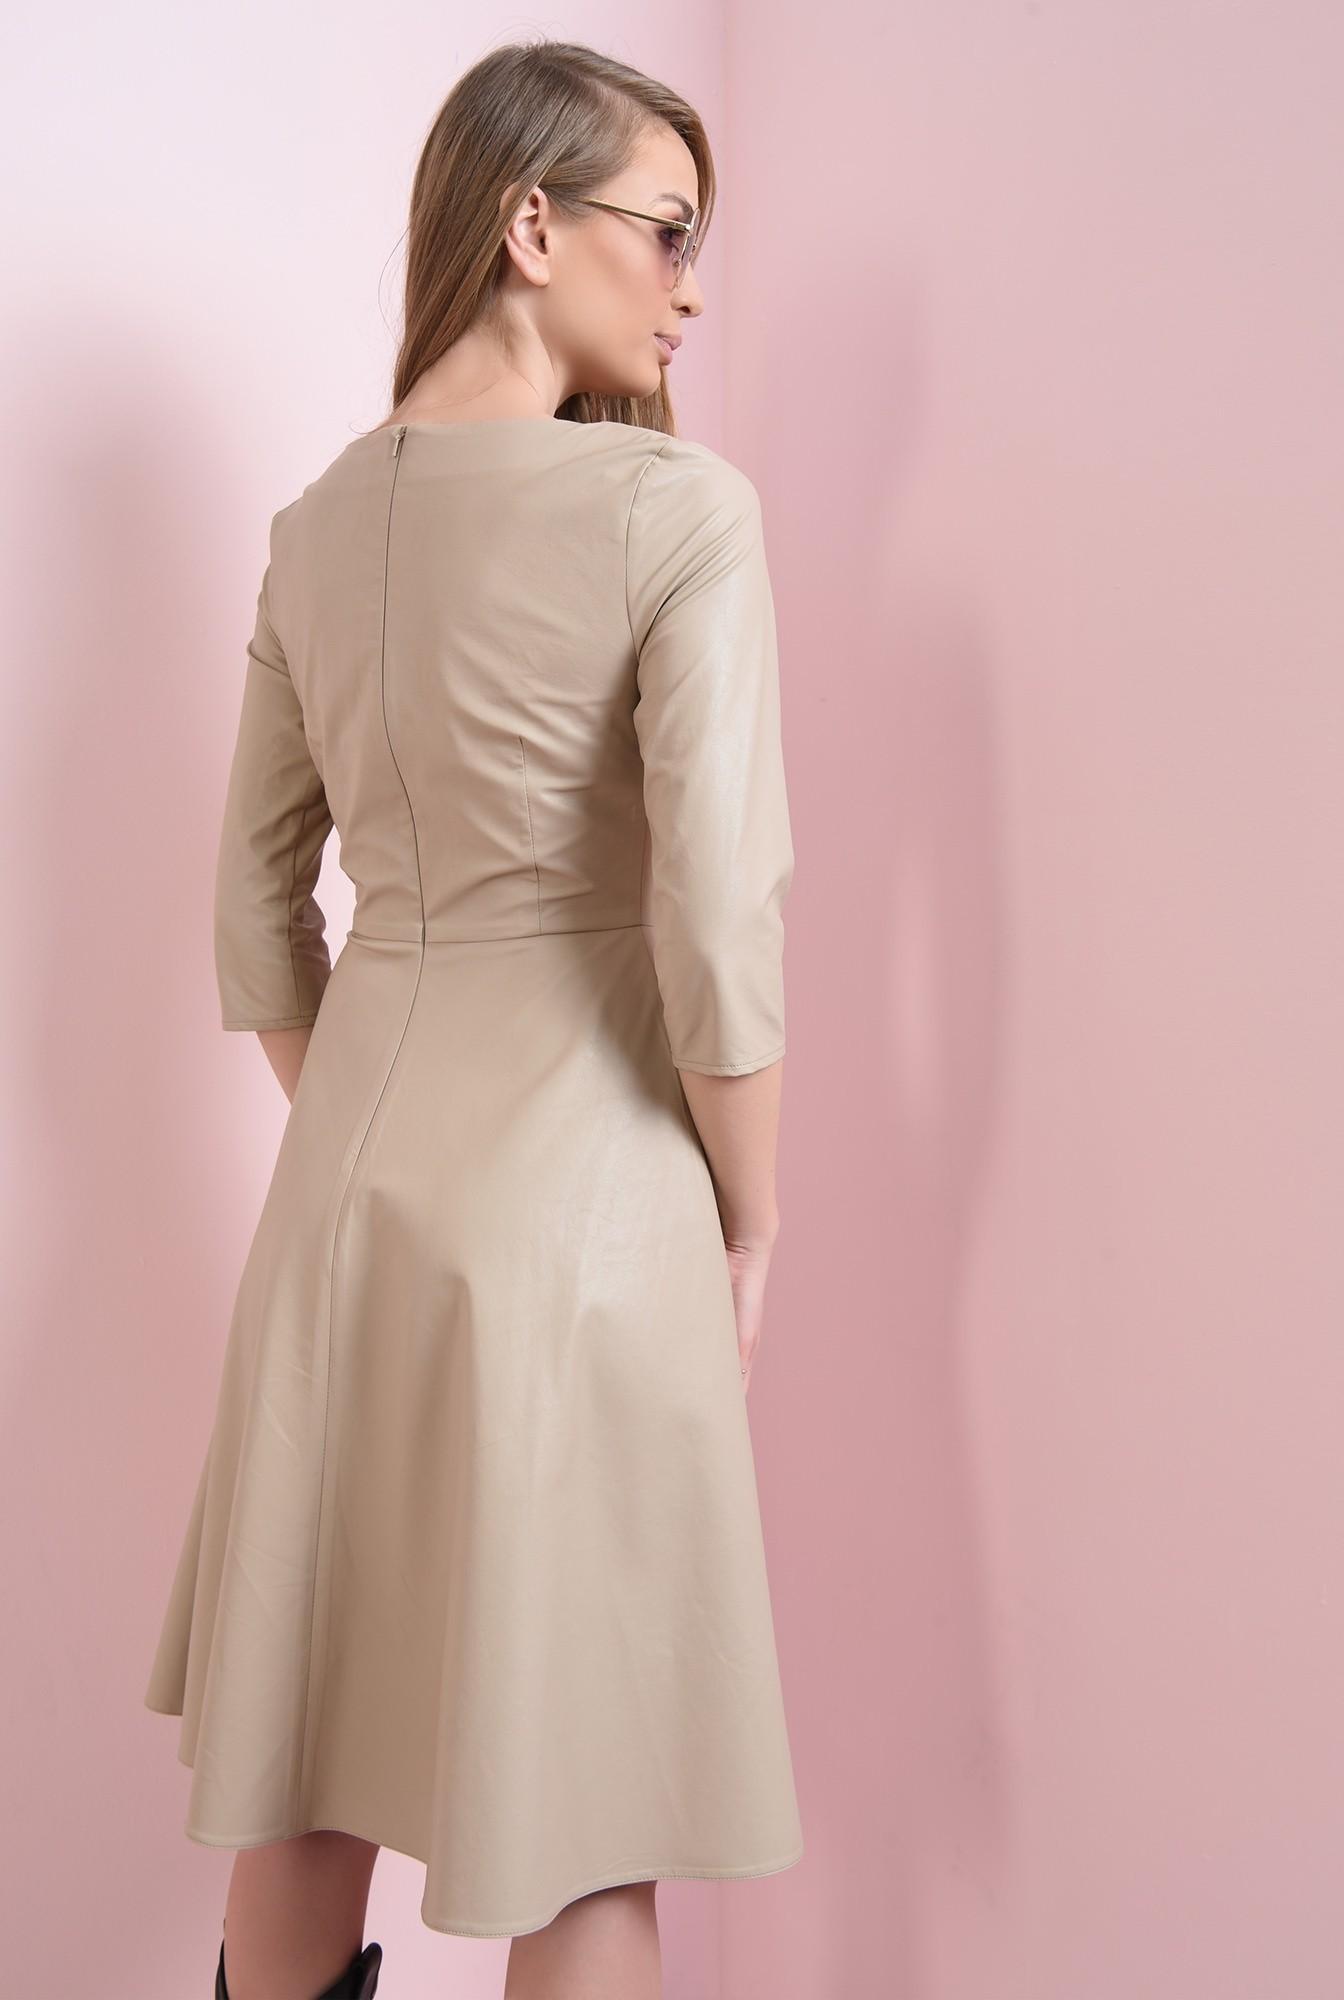 2 - rochie bej, evazata, cu fermoar la spate